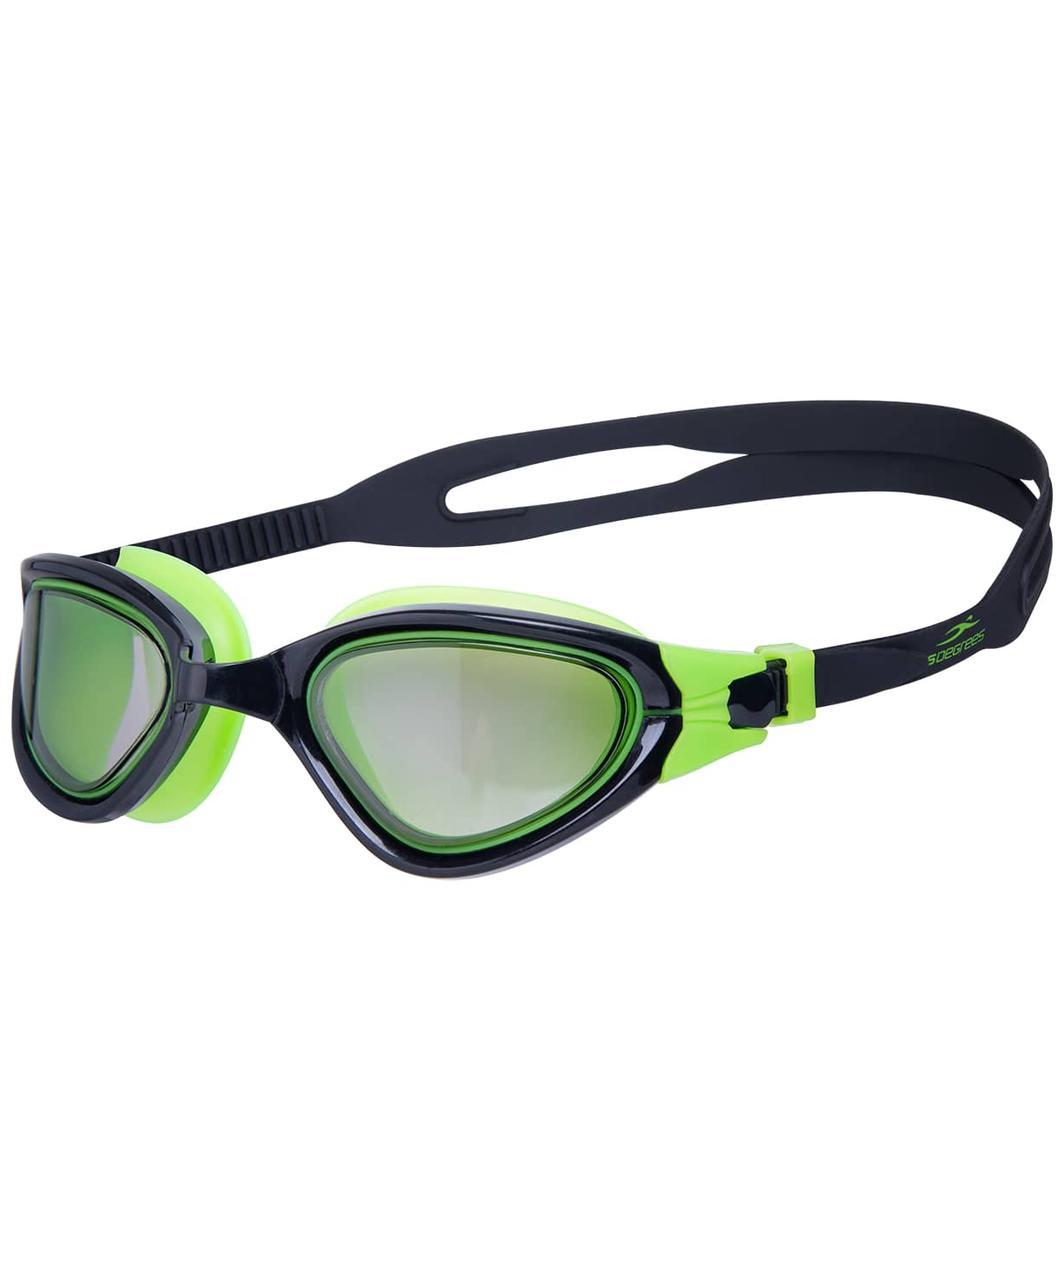 Очки для плавания Azimut Lime/Black 25Degrees